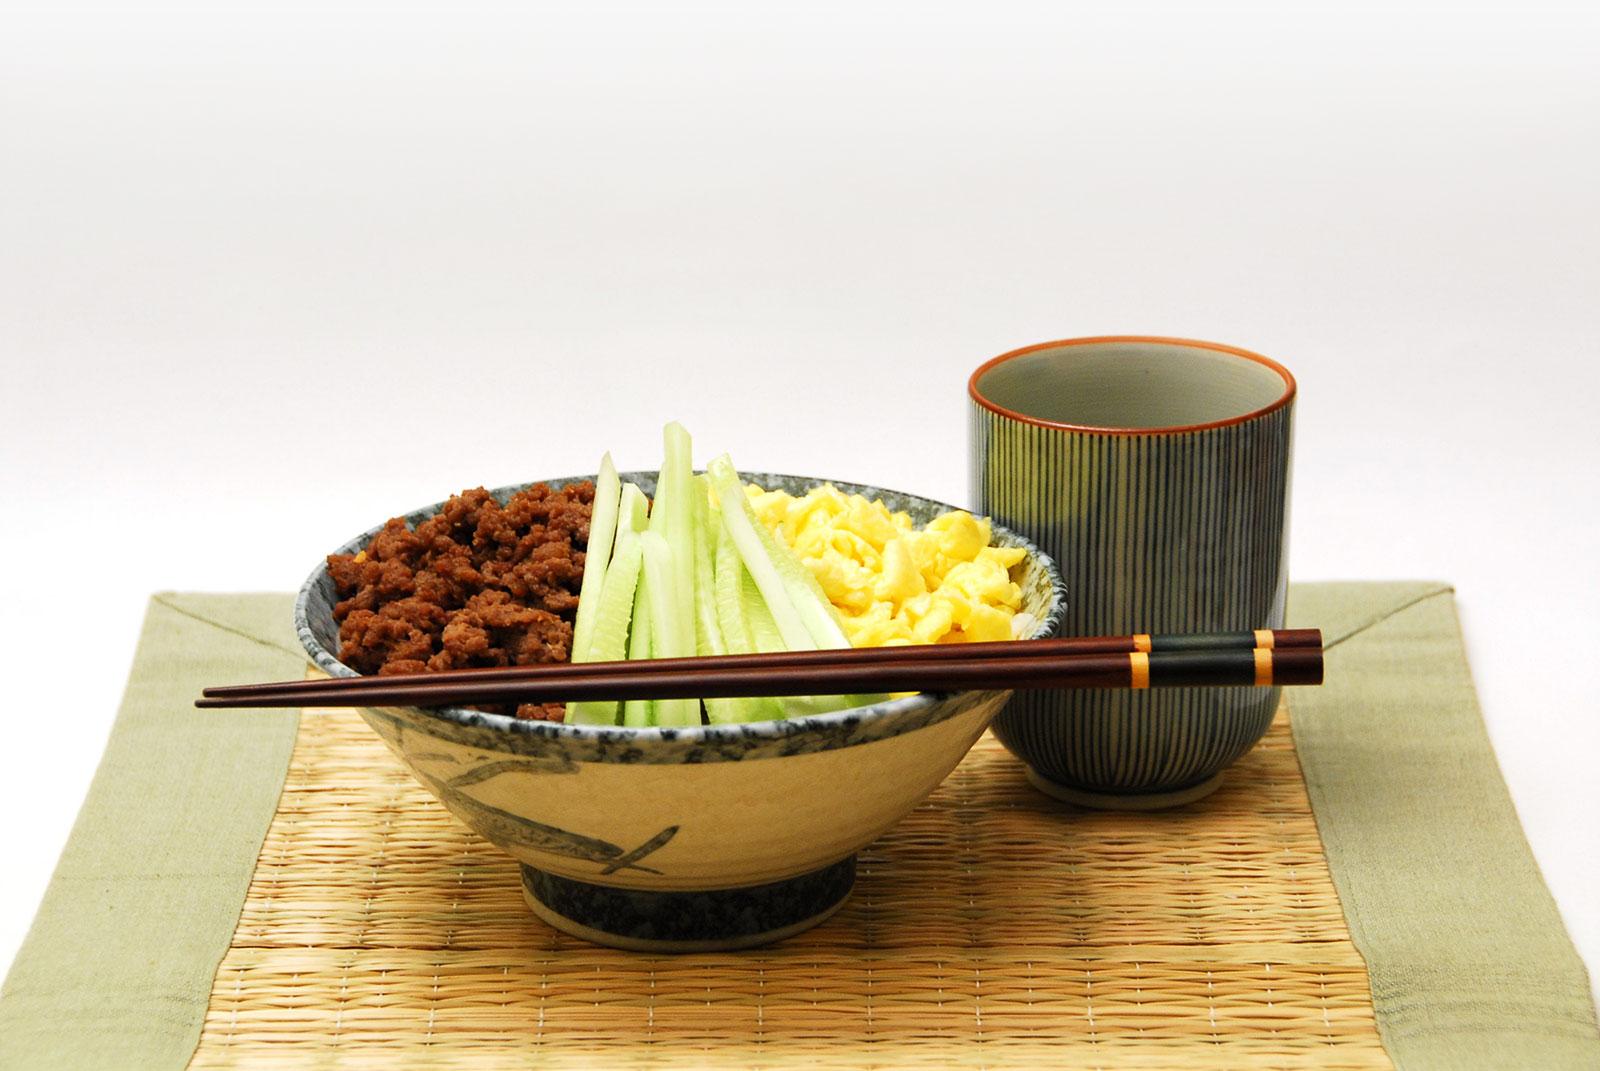 باشگاه خبرنگاران -توصیههای بهداشتی و تغذیه مفید ژاپن برای مردم جهان